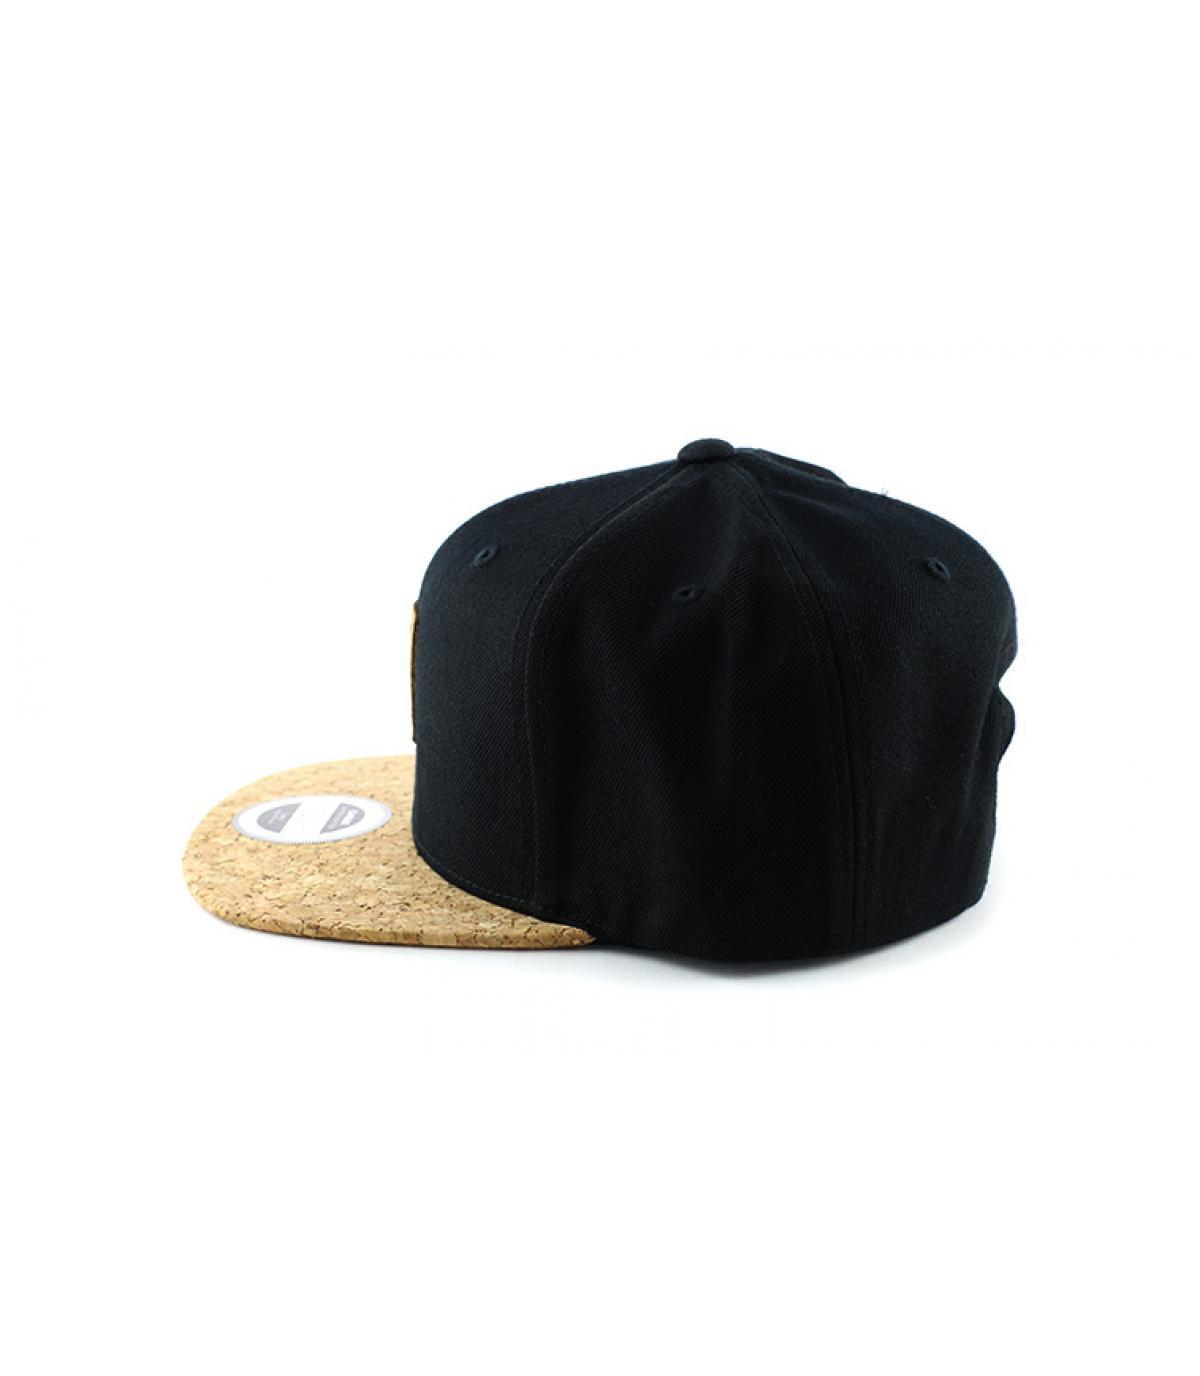 Dettagli Snapback Beer Pong black cork - image 4